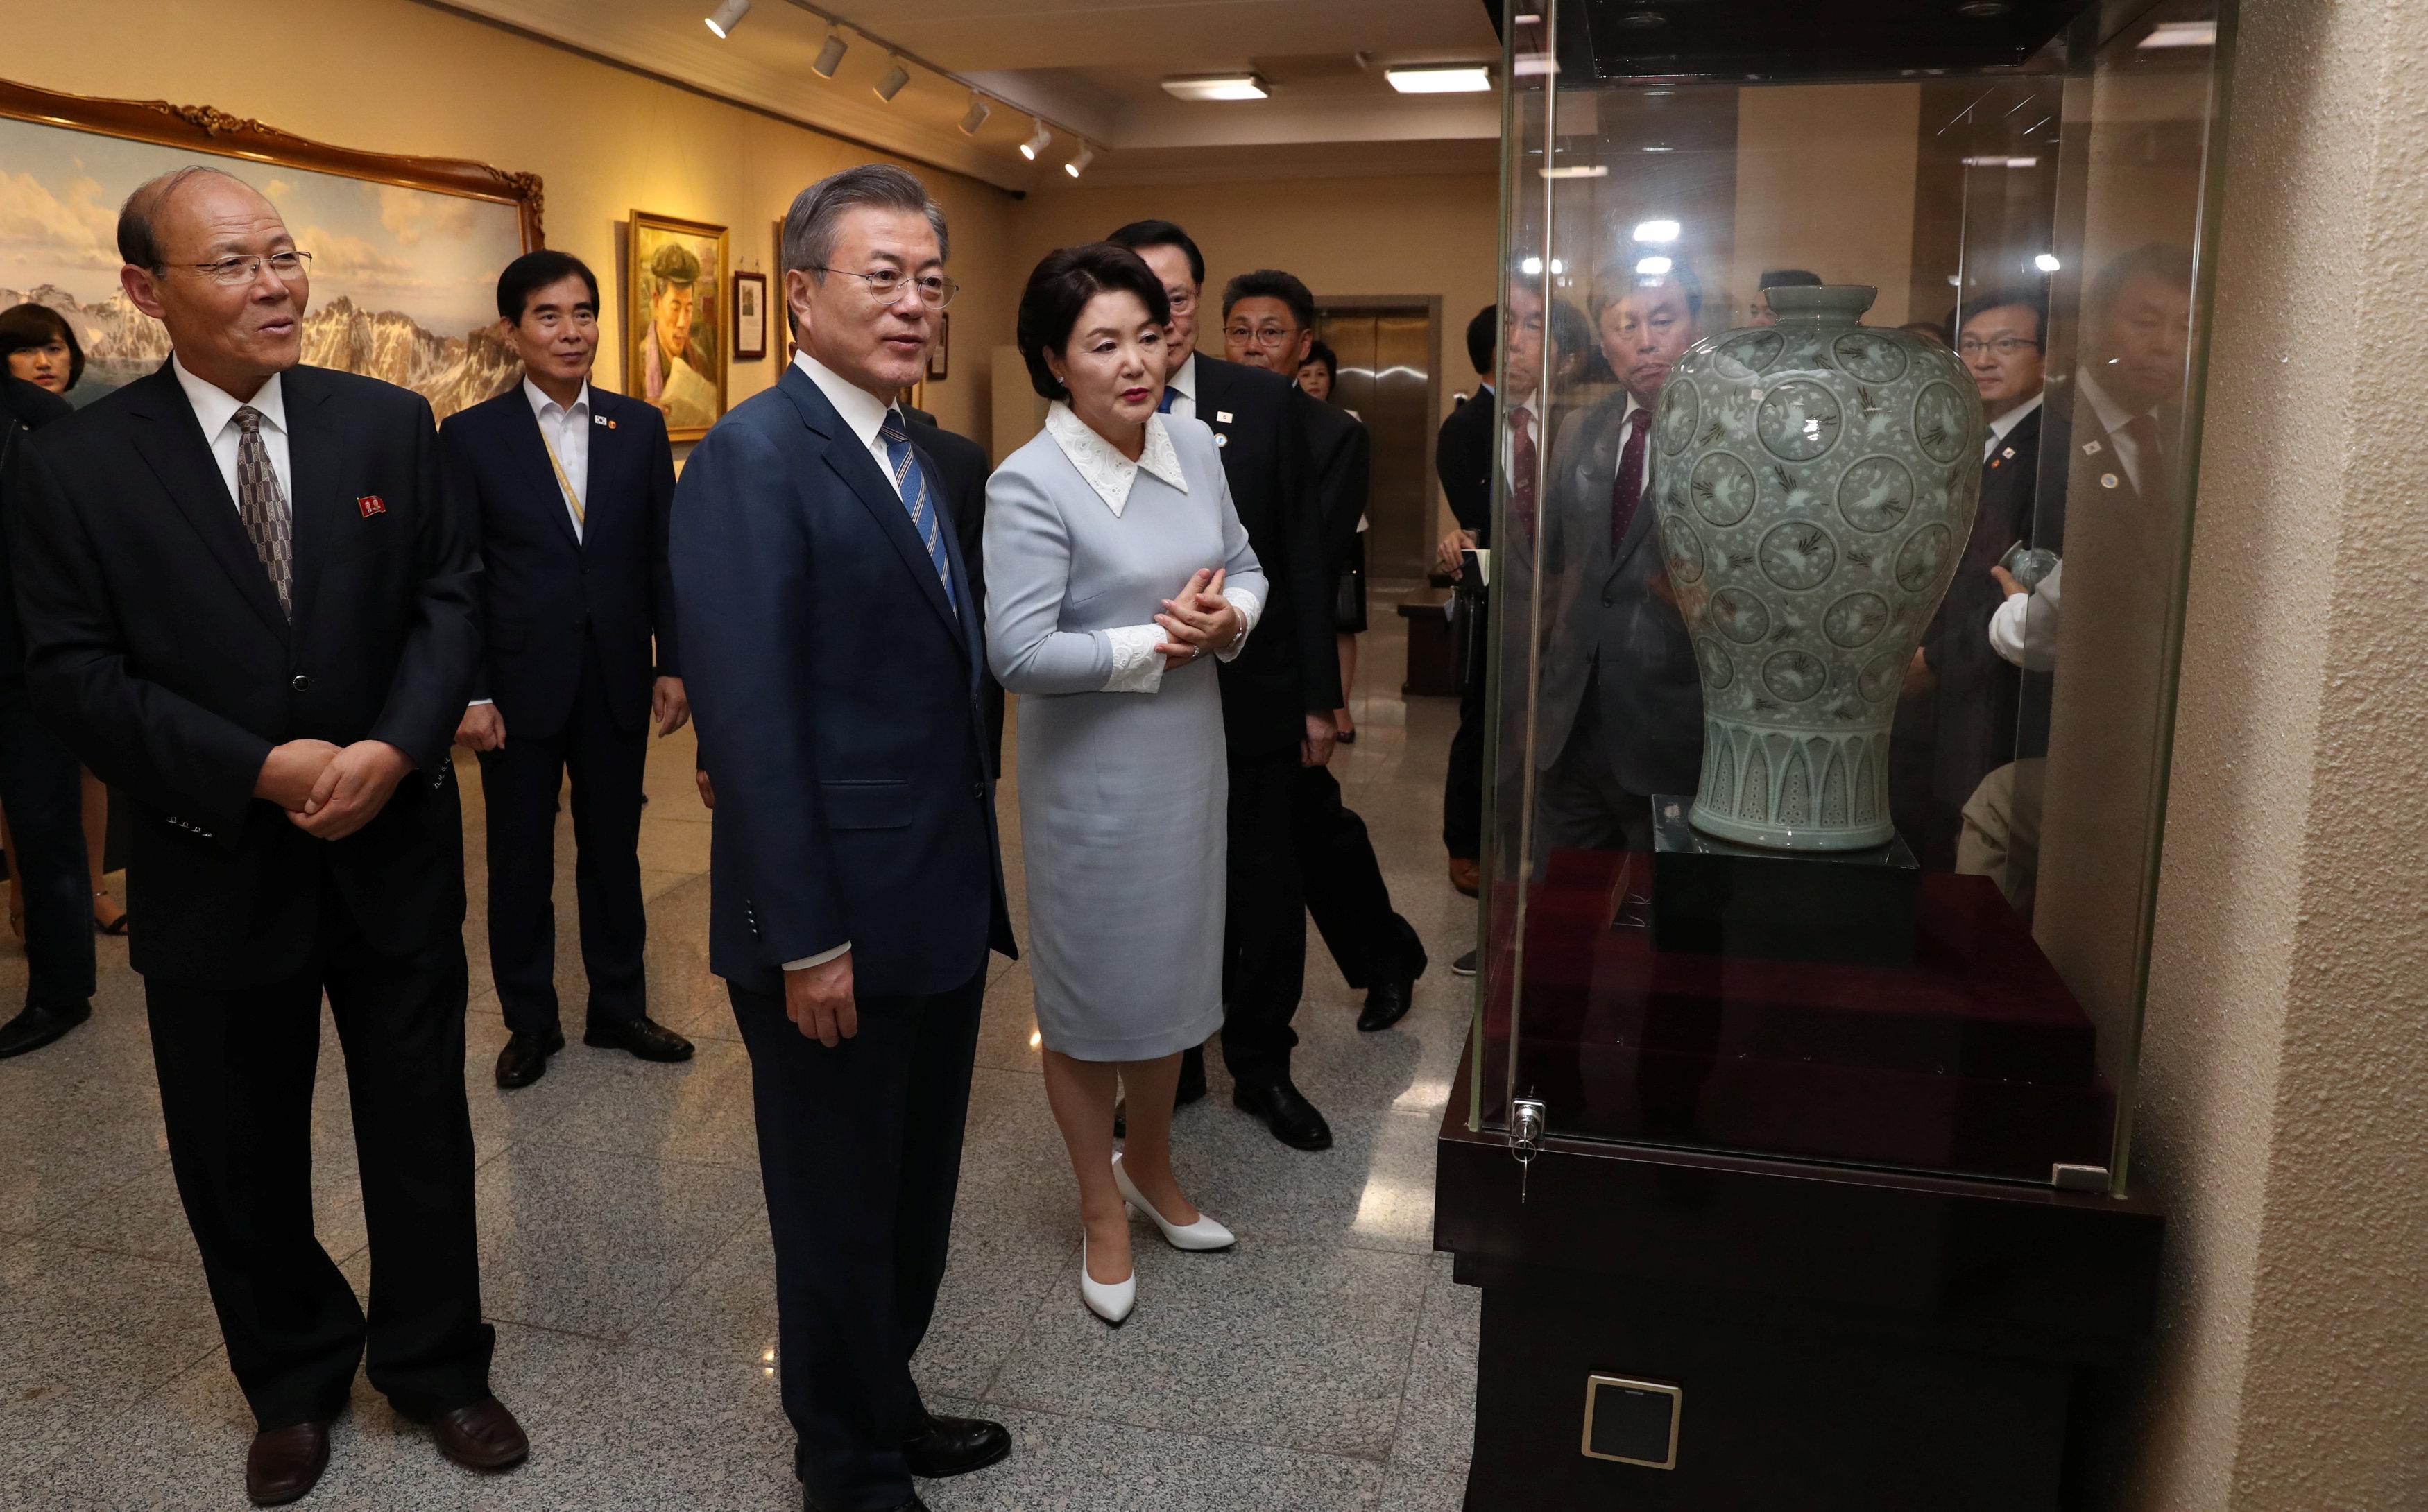 مون وزوجته فى زيارة لأحد المعارض الفنية ببيونج يانج